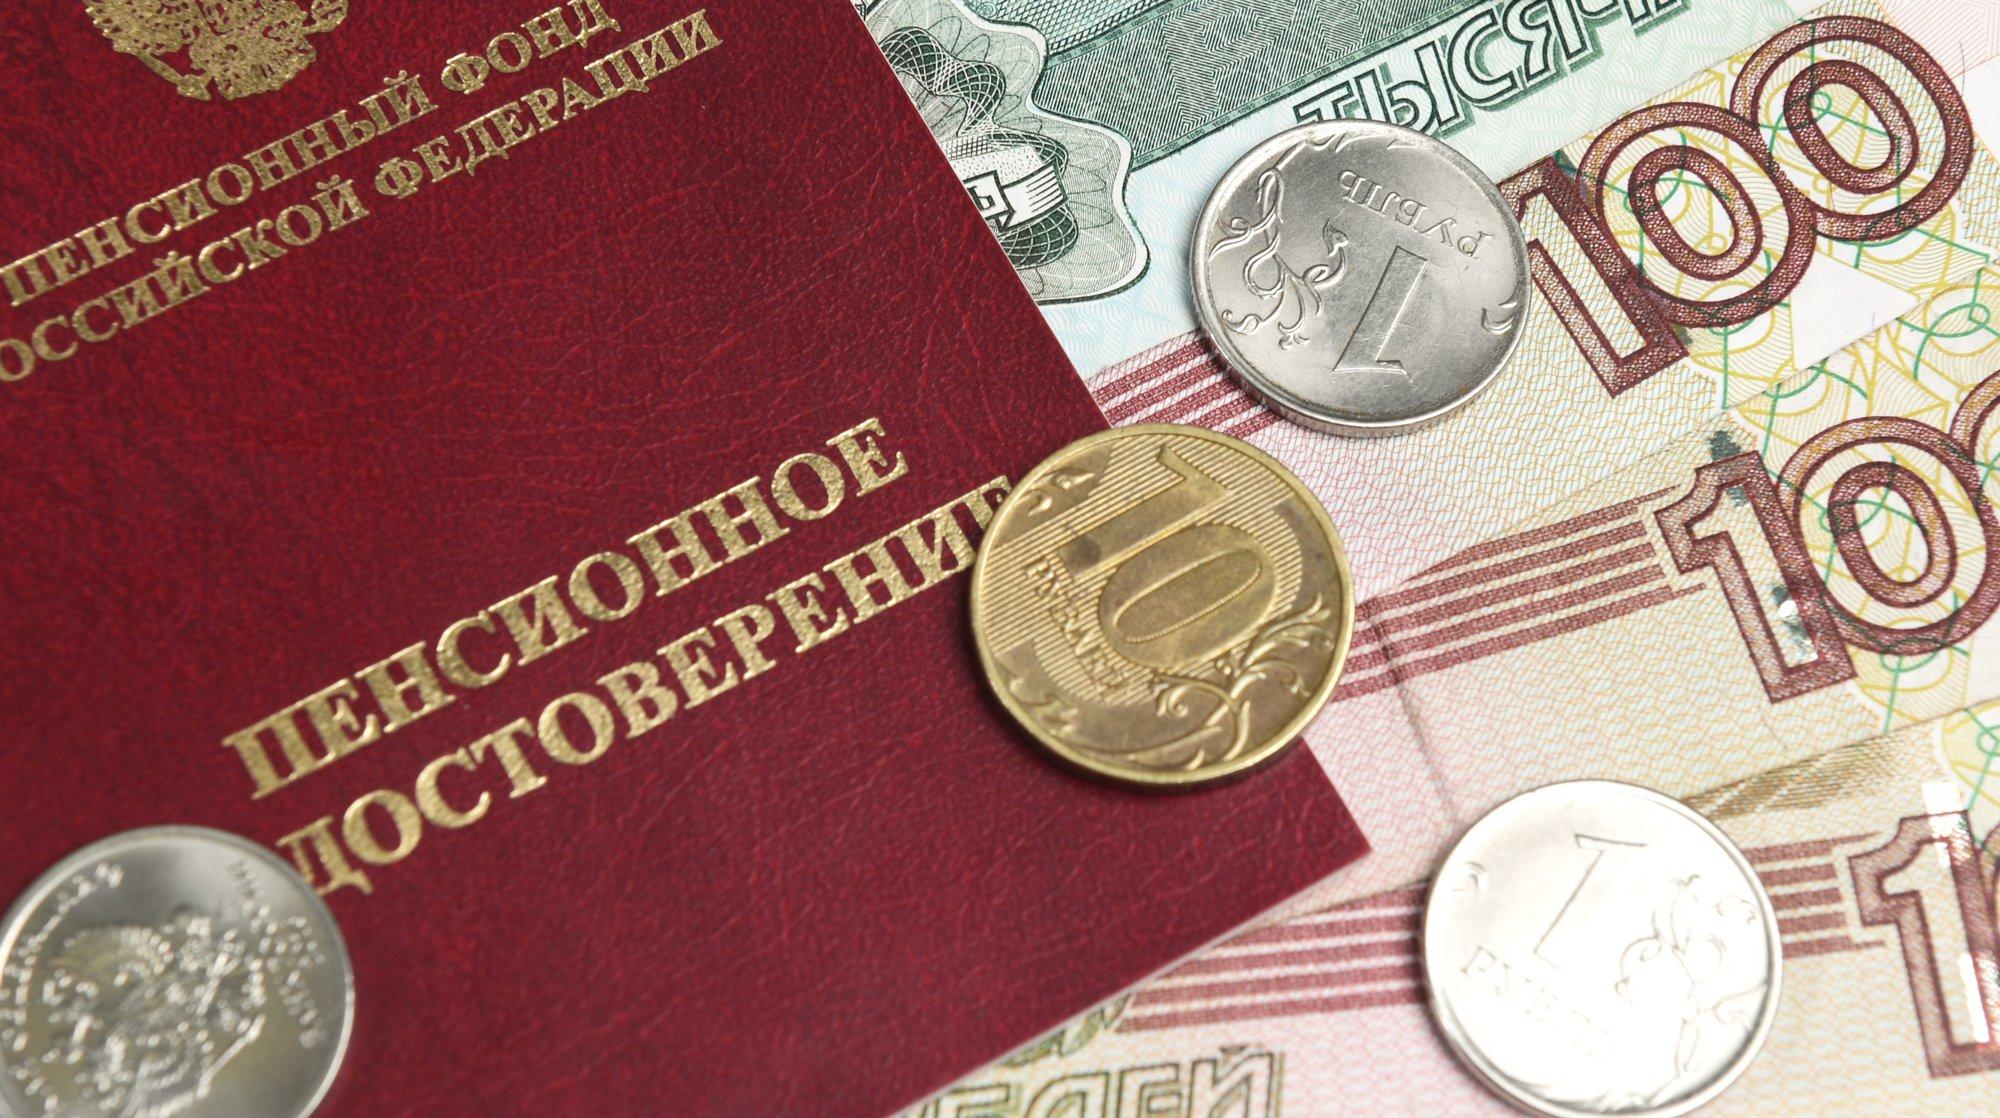 ВСтаврополе сотрудница «Почты России» дала отпор вооружённому грабителю